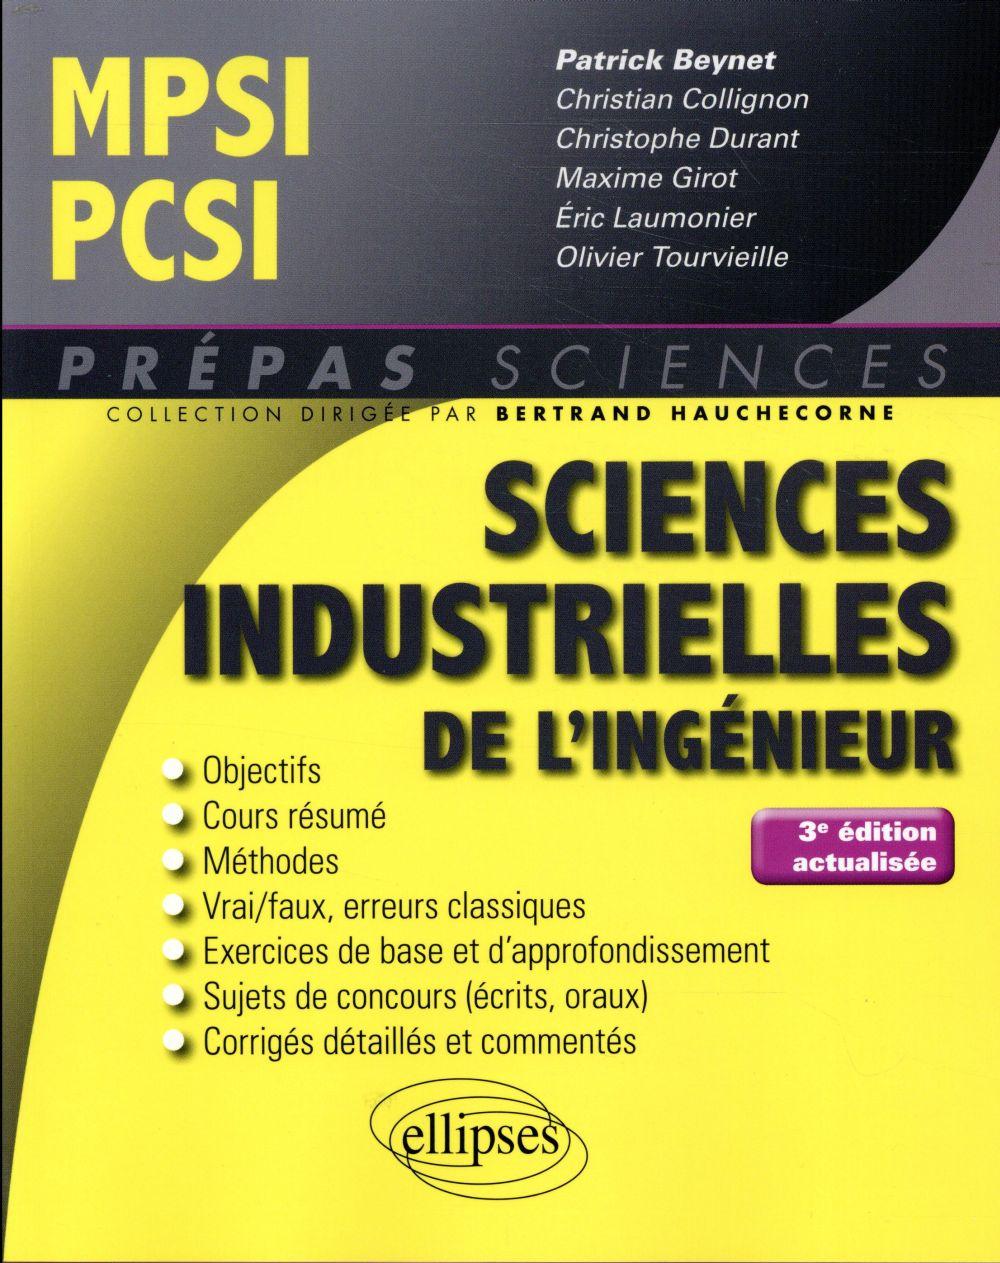 SCIENCES INDISTRUELLES DE L'INGEGNIEUR MPSI-PCSI 3EME EDITION ACTUALISEE